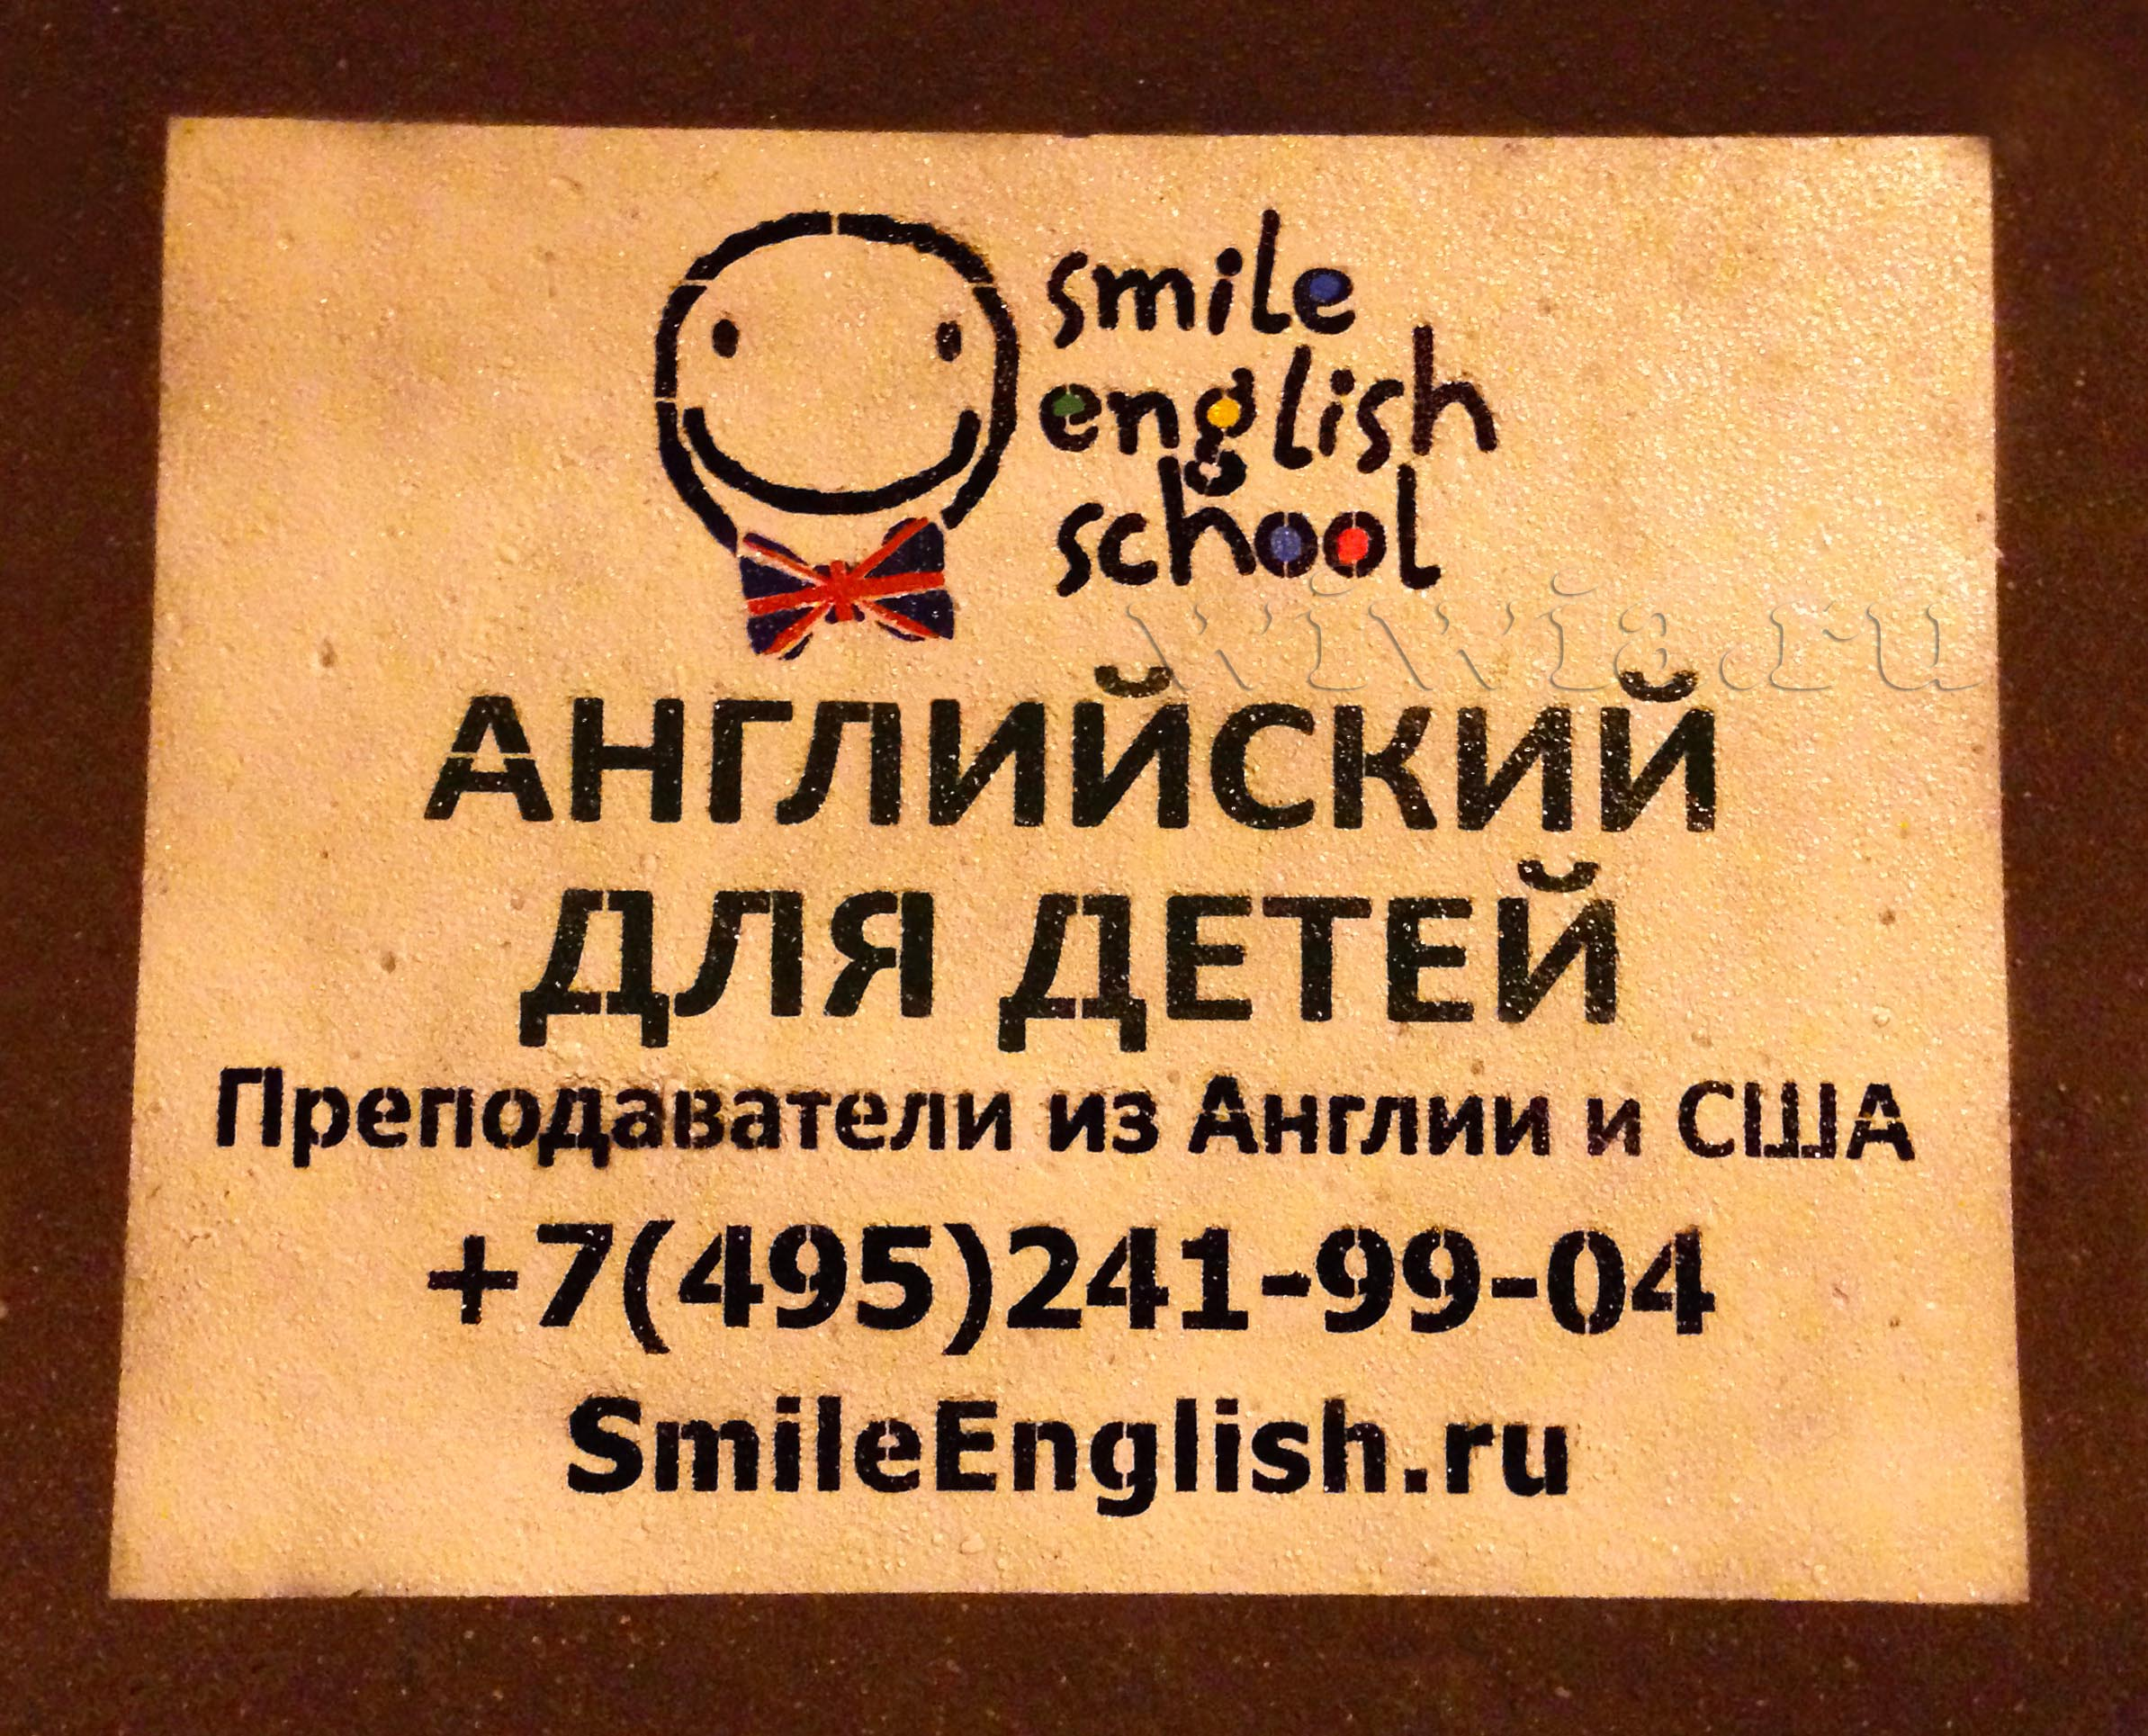 Принты на асфальте для Smile English